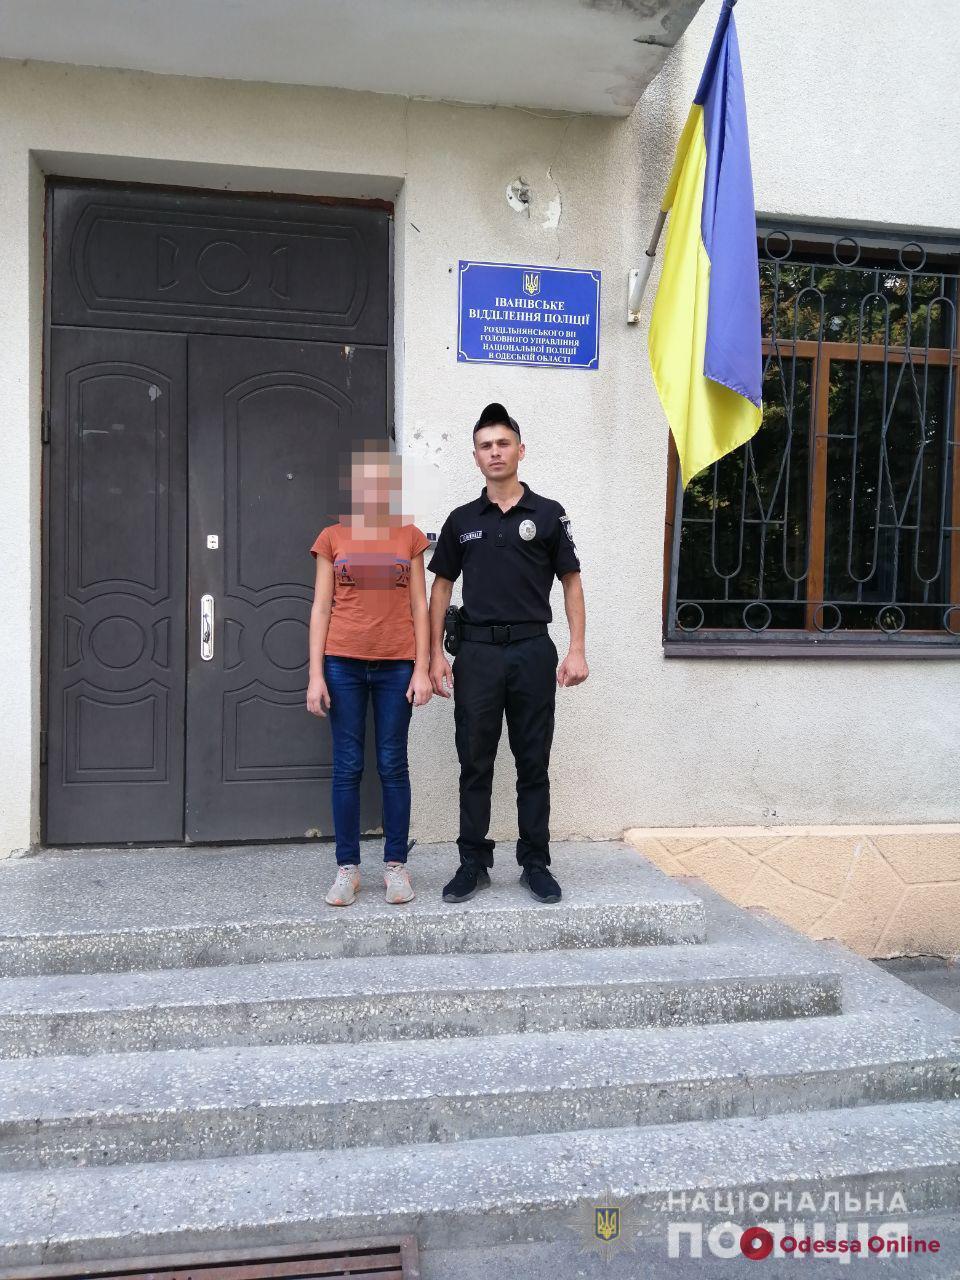 Сбежала из дома: в Одессе разыскали 13-летнюю путешественницу